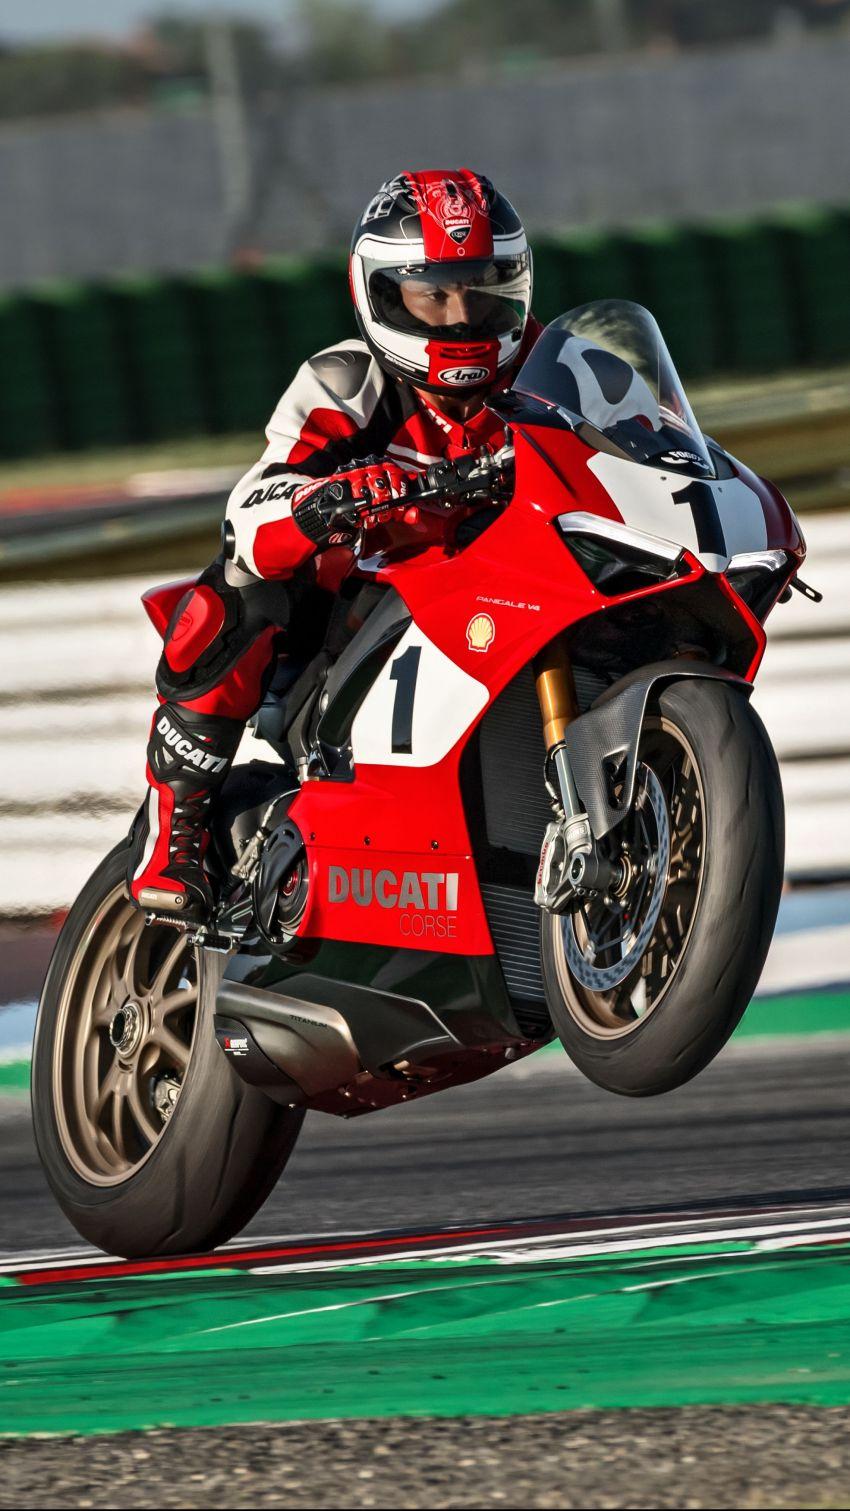 Ducati Panigale V4 25th Anniversario 916 – peringatan kepada 916 yang menggegarkan dunia superbike dulu Image #985677